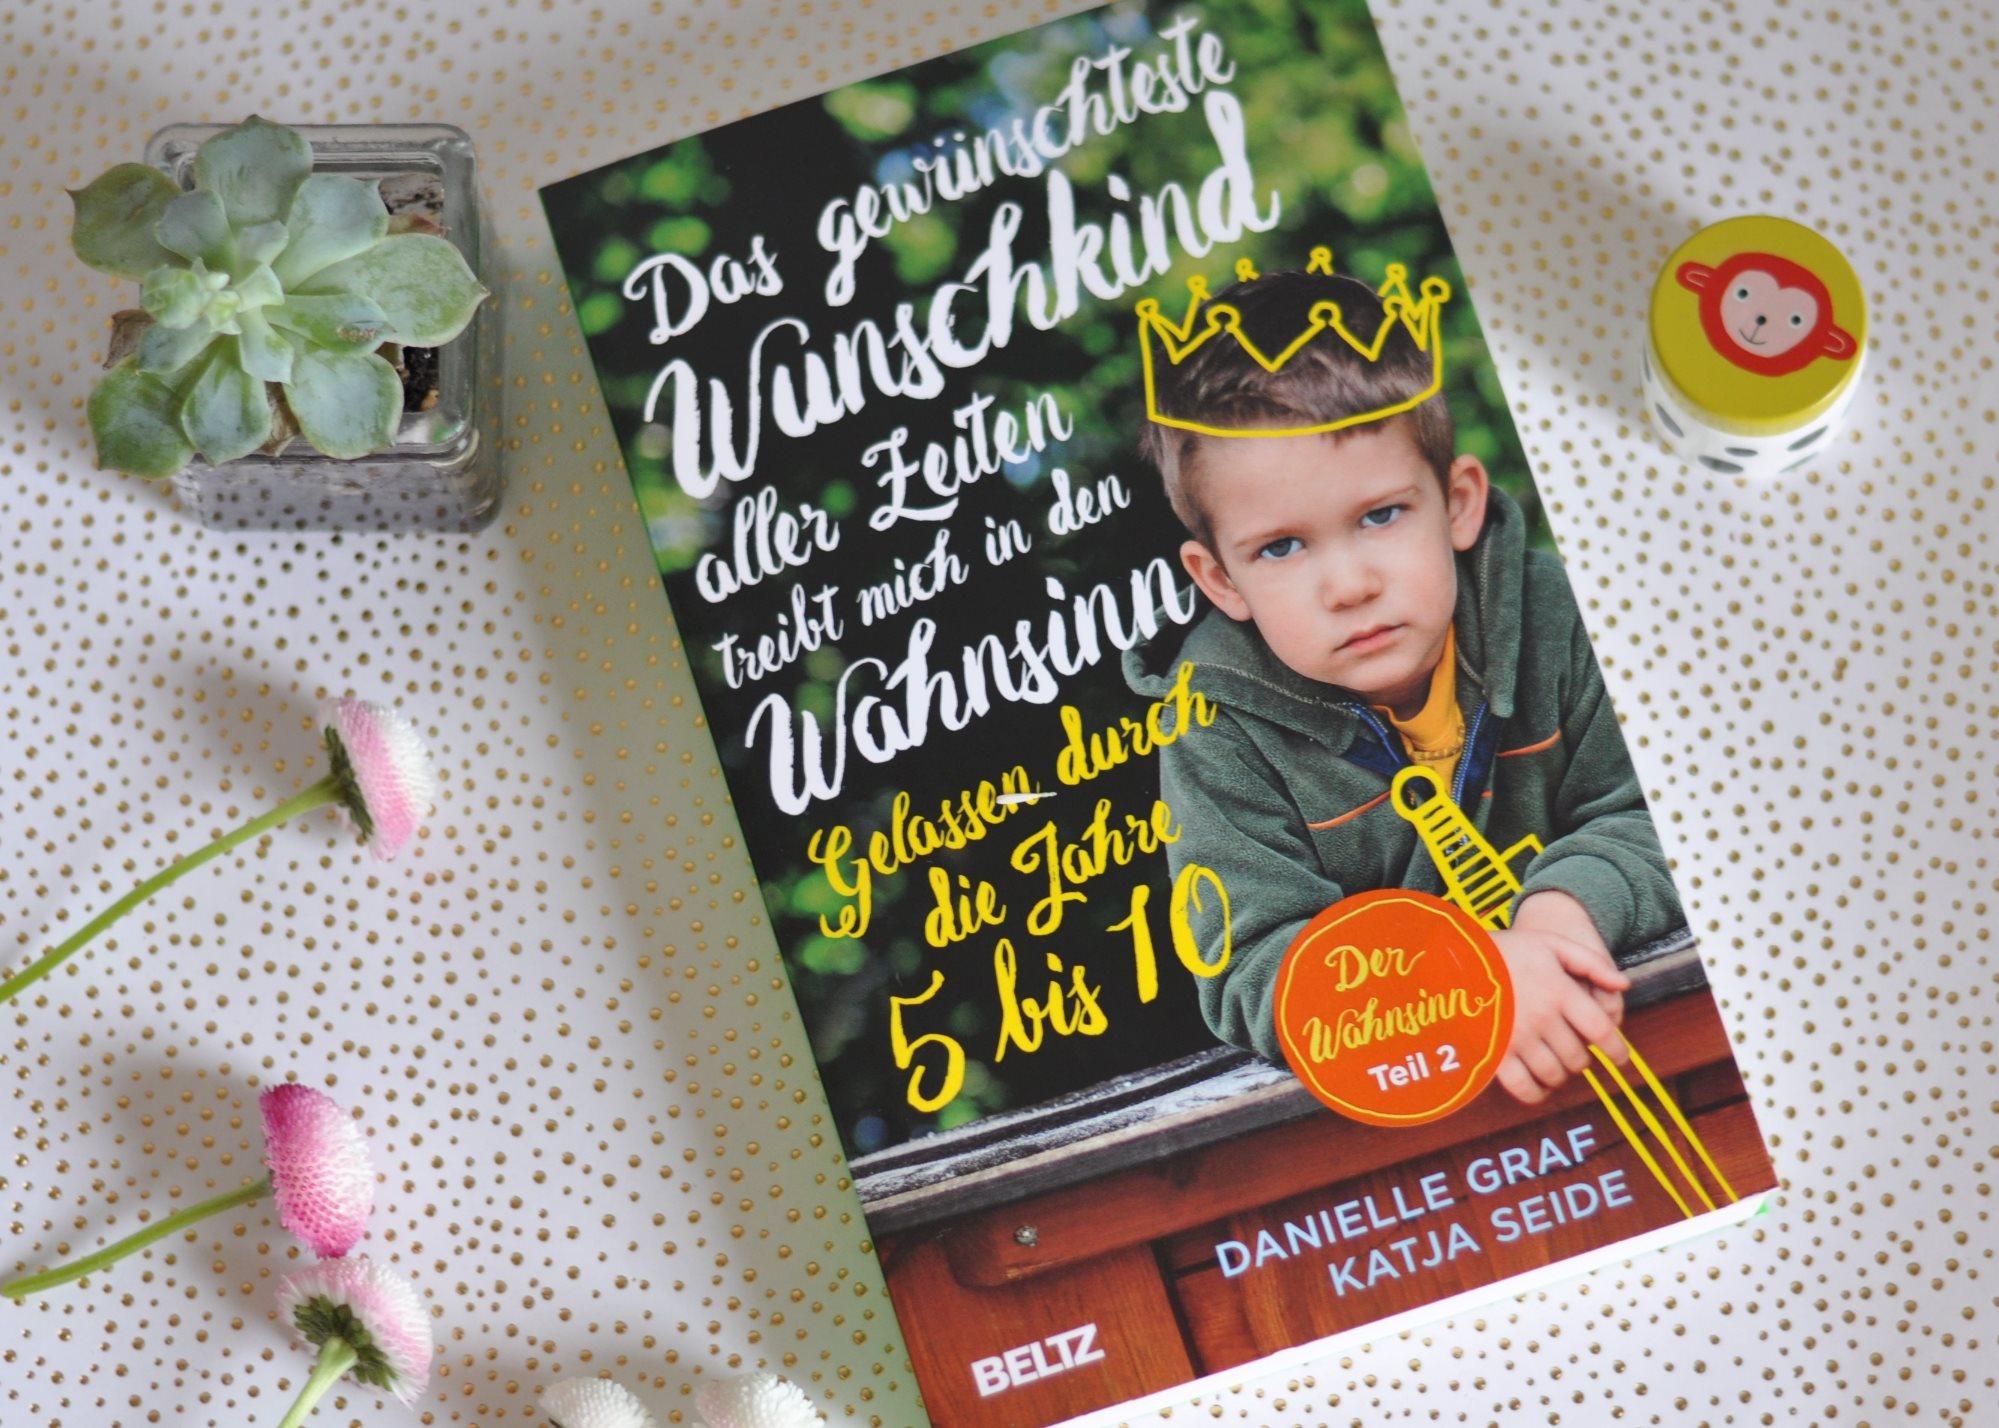 Gelassen durch die Jahre 5 bis 10 - Ds gewünschteste Wunschkind - Ratgeber für Wackelzahn-Rebellen #Buch #Ratgeber #Wackelzahn #Schulkind